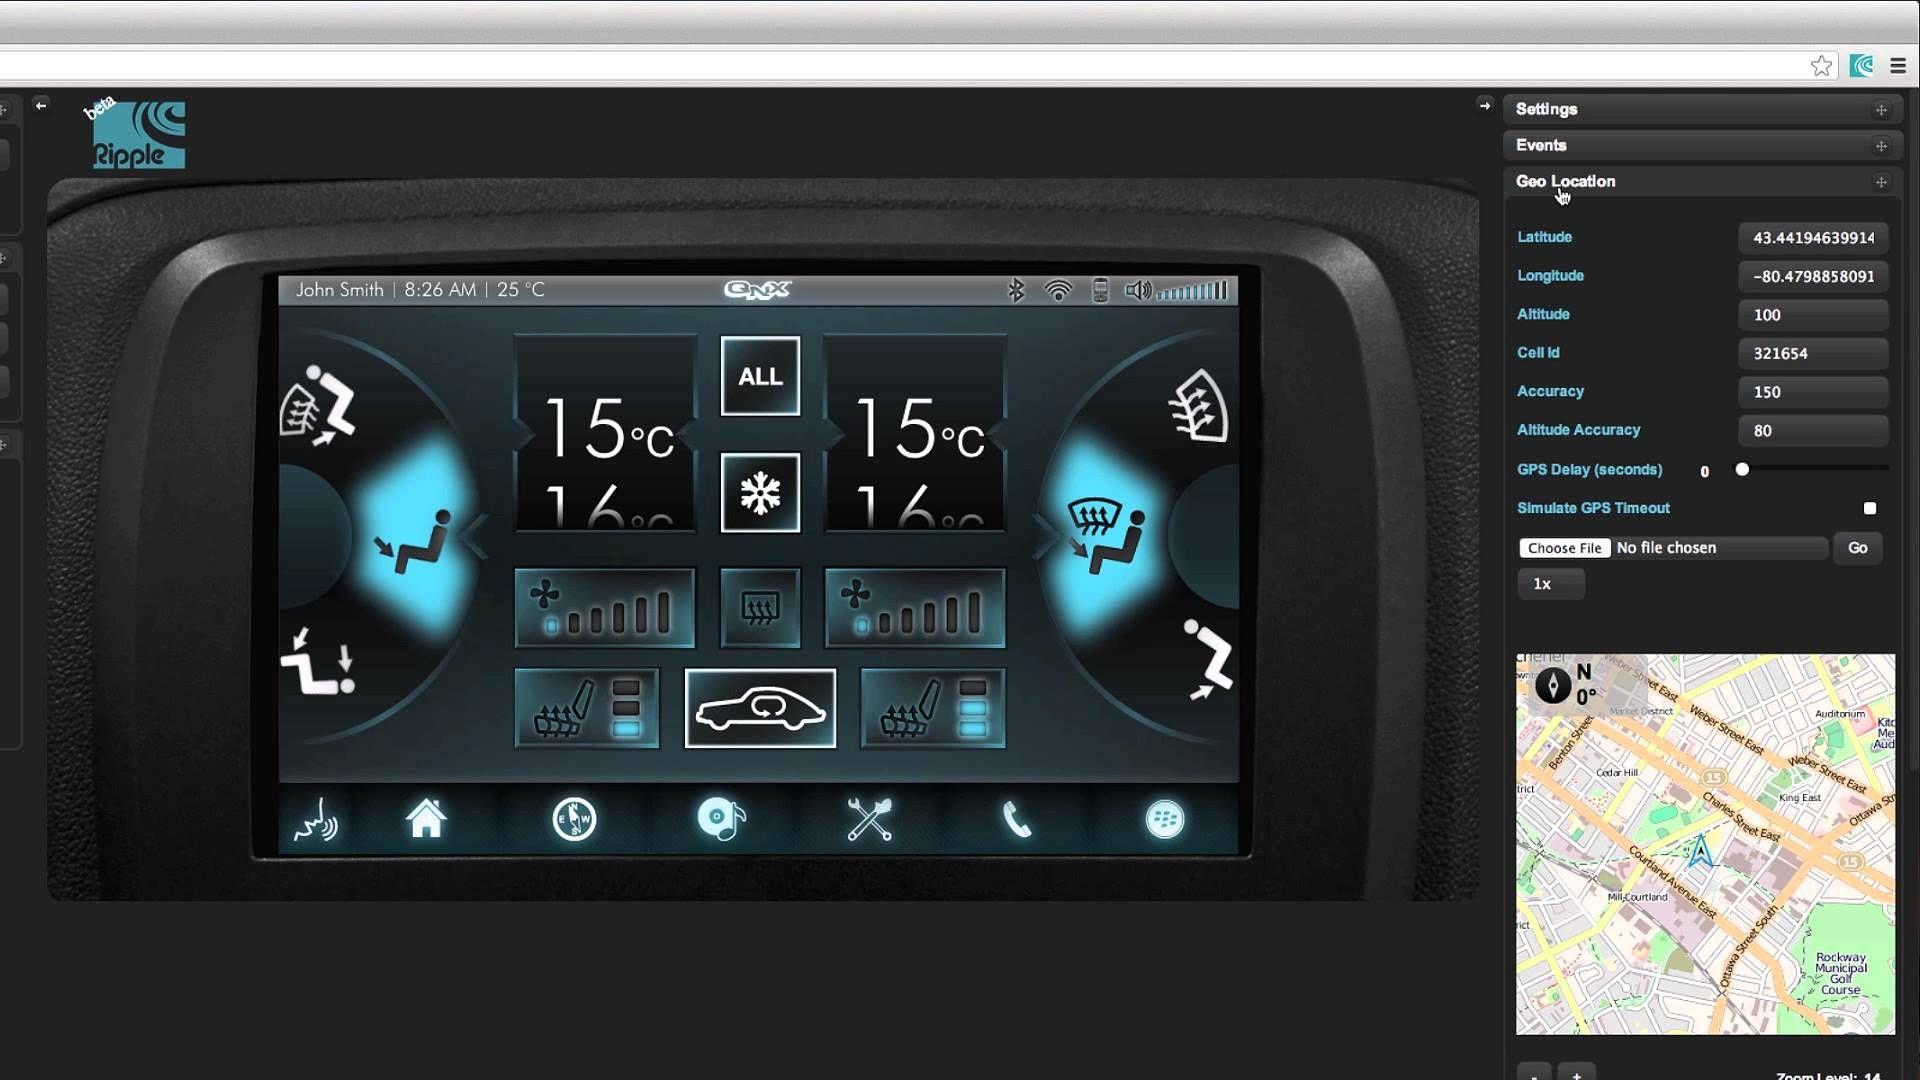 Pin on Automotive HMI Design